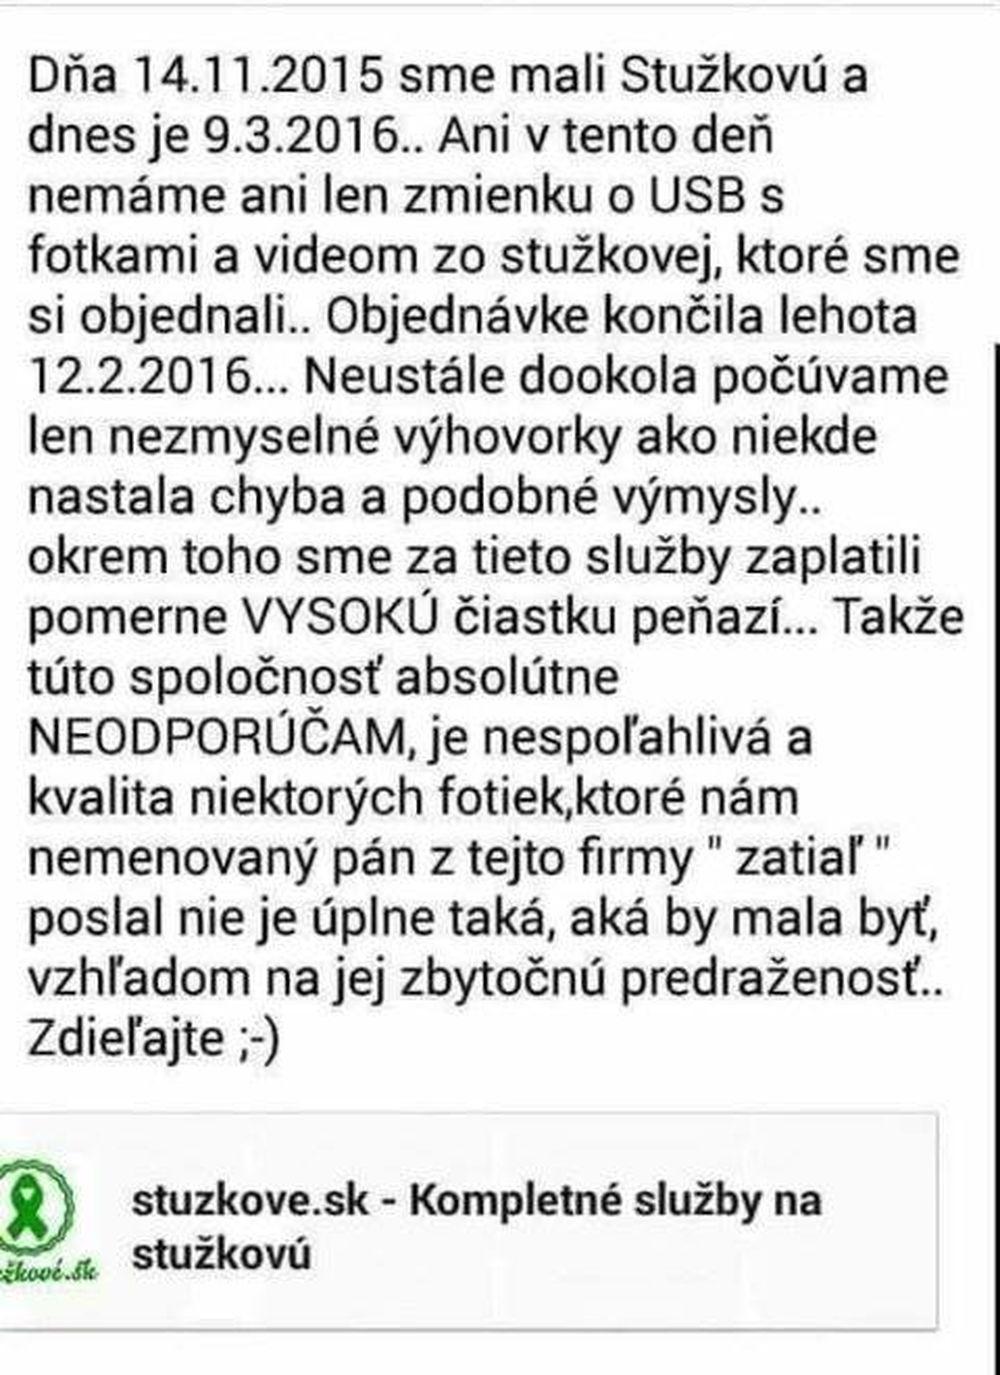 Nespokojní zákazníci spoločnosti, ktorá mala dodať video zo Stužkovej, foto 9